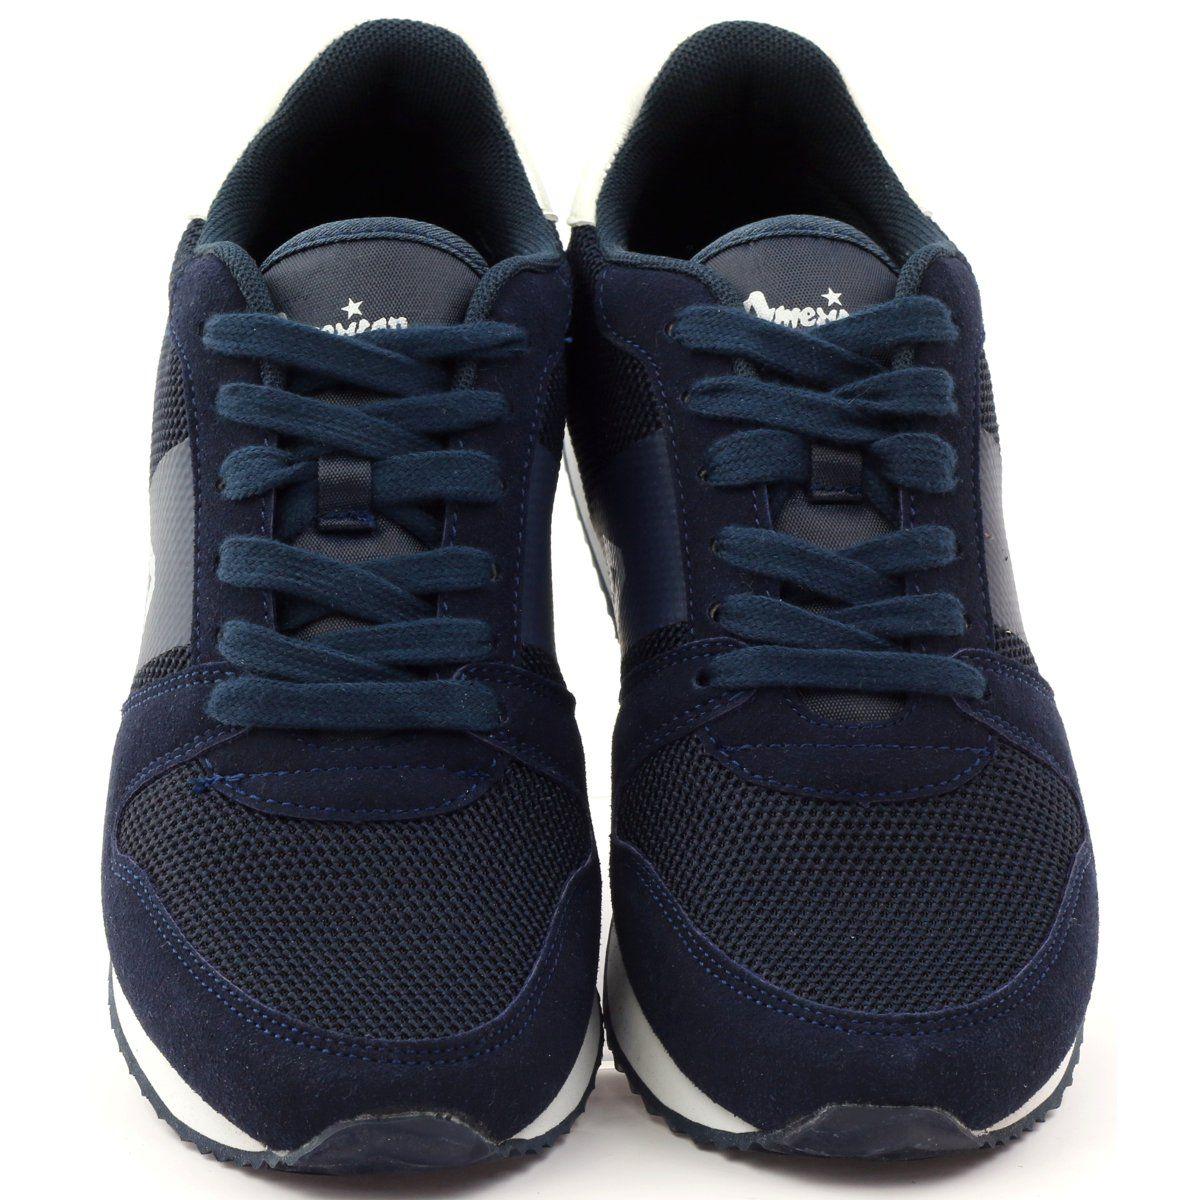 American Club Buty Sportowe Damskie American 17022 Granatowe Sport Shoes Women Sports Shoes Sports Women